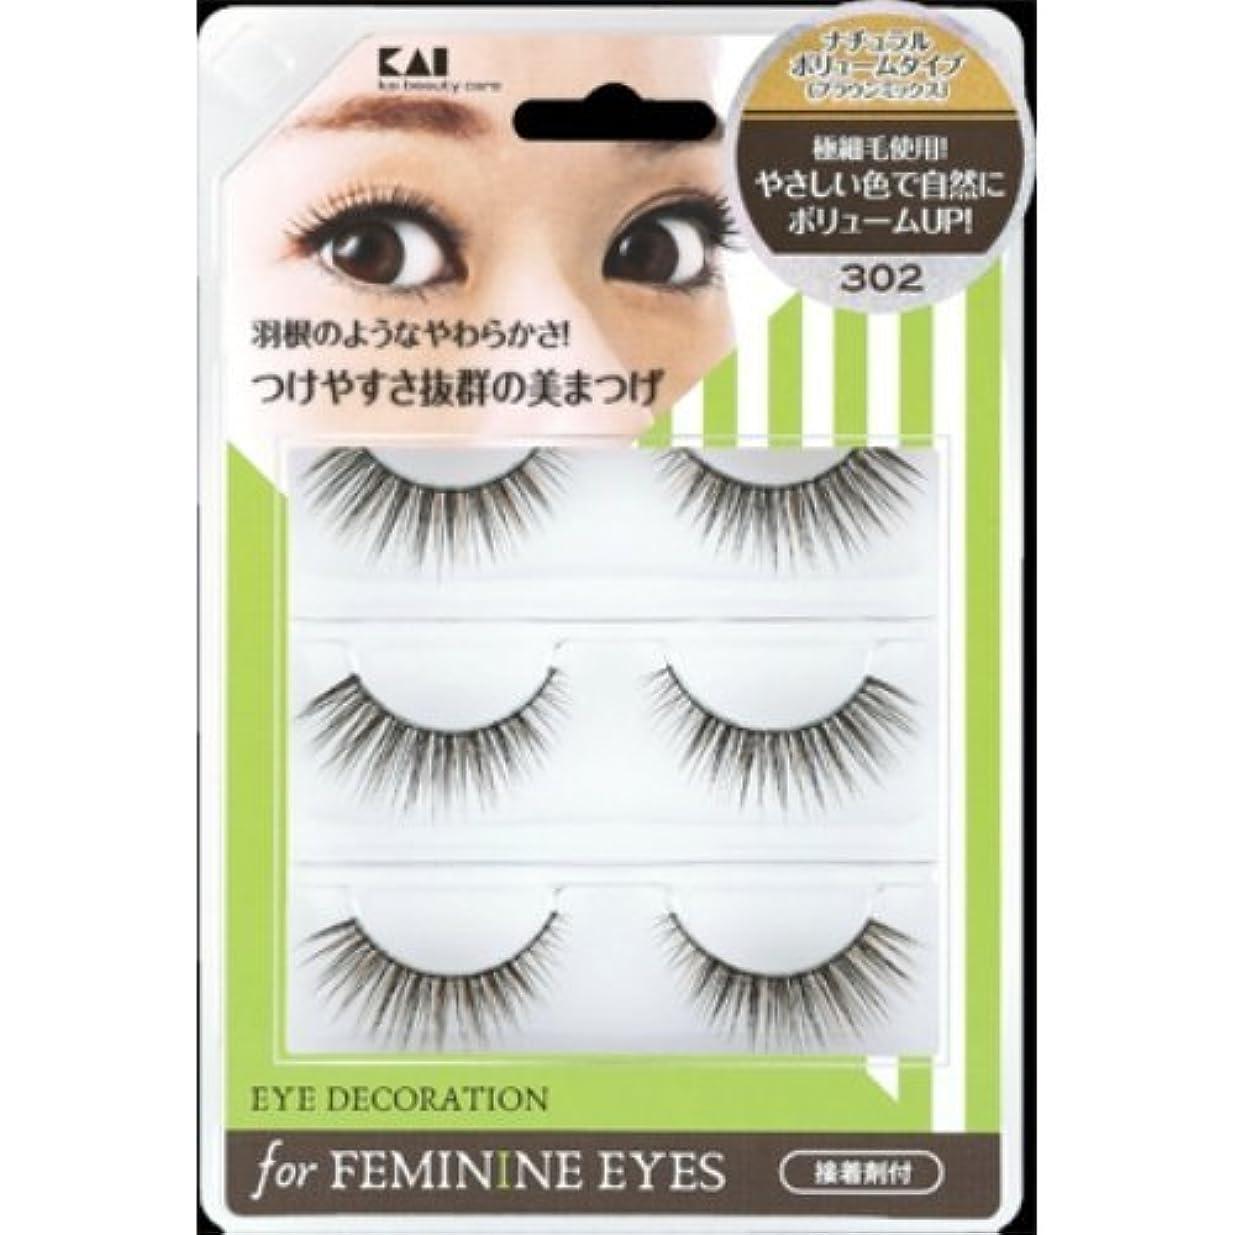 噛む共感する批評貝印 アイデコレーション for feminine eyes 302 HC1562